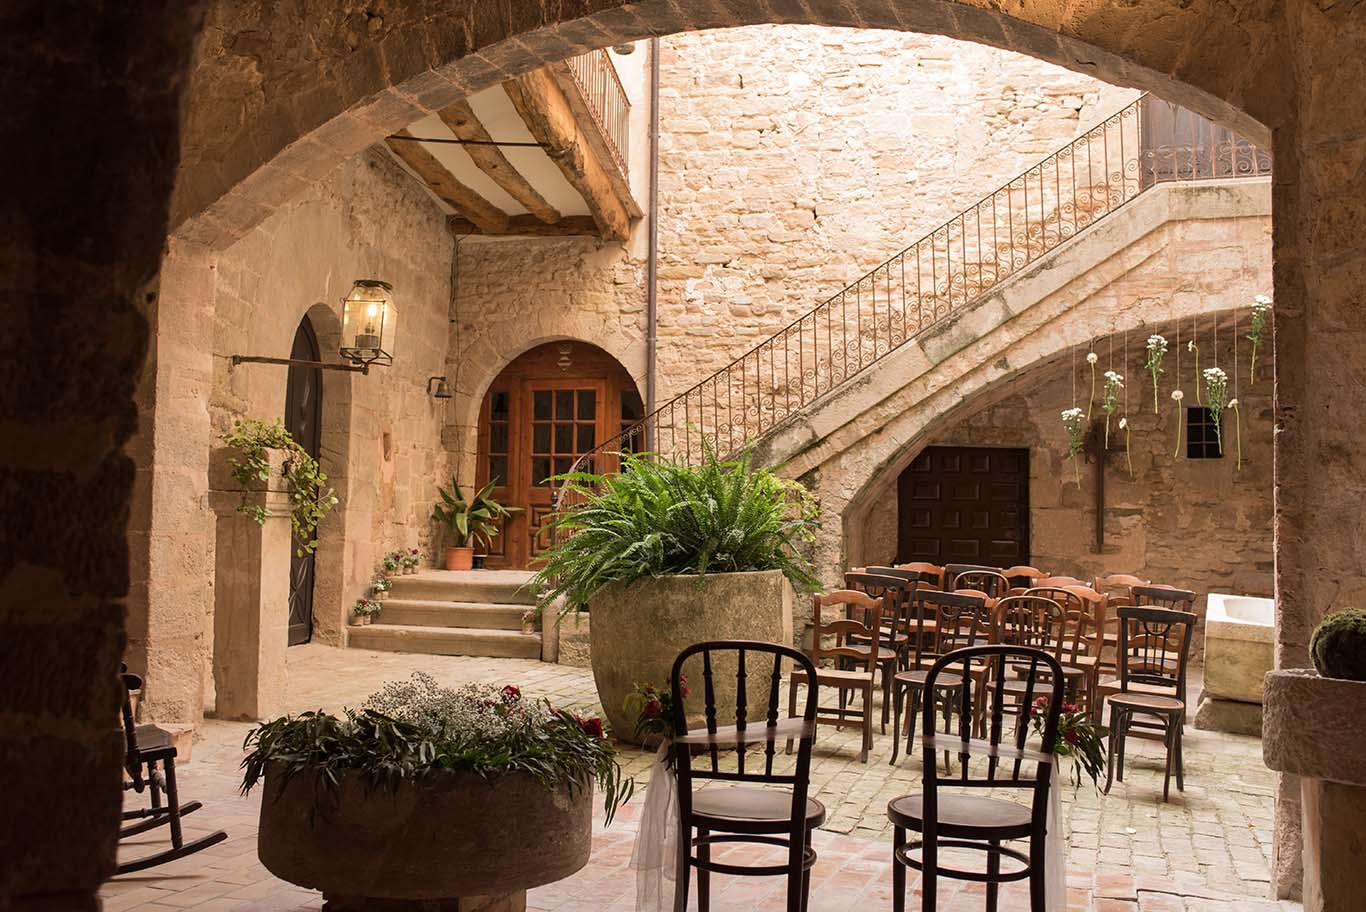 Castell-tous-espai-gastronomia-13